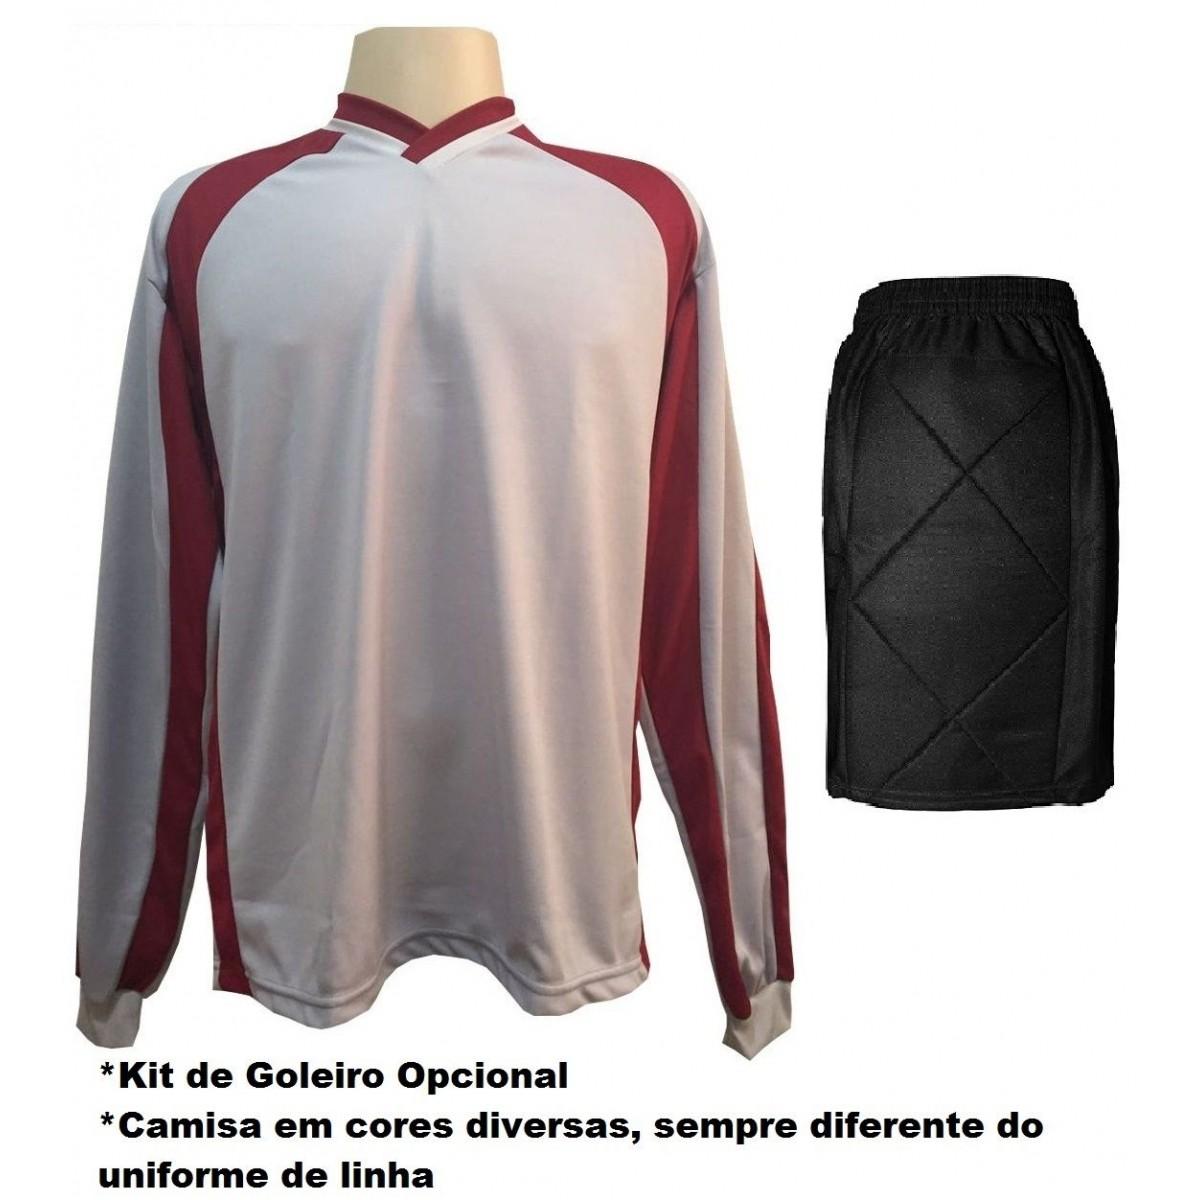 Uniforme Esportivo com 12 Camisas modelo Milan Preto/Laranja + 12 Calções modelo Madrid Preto + Brindes